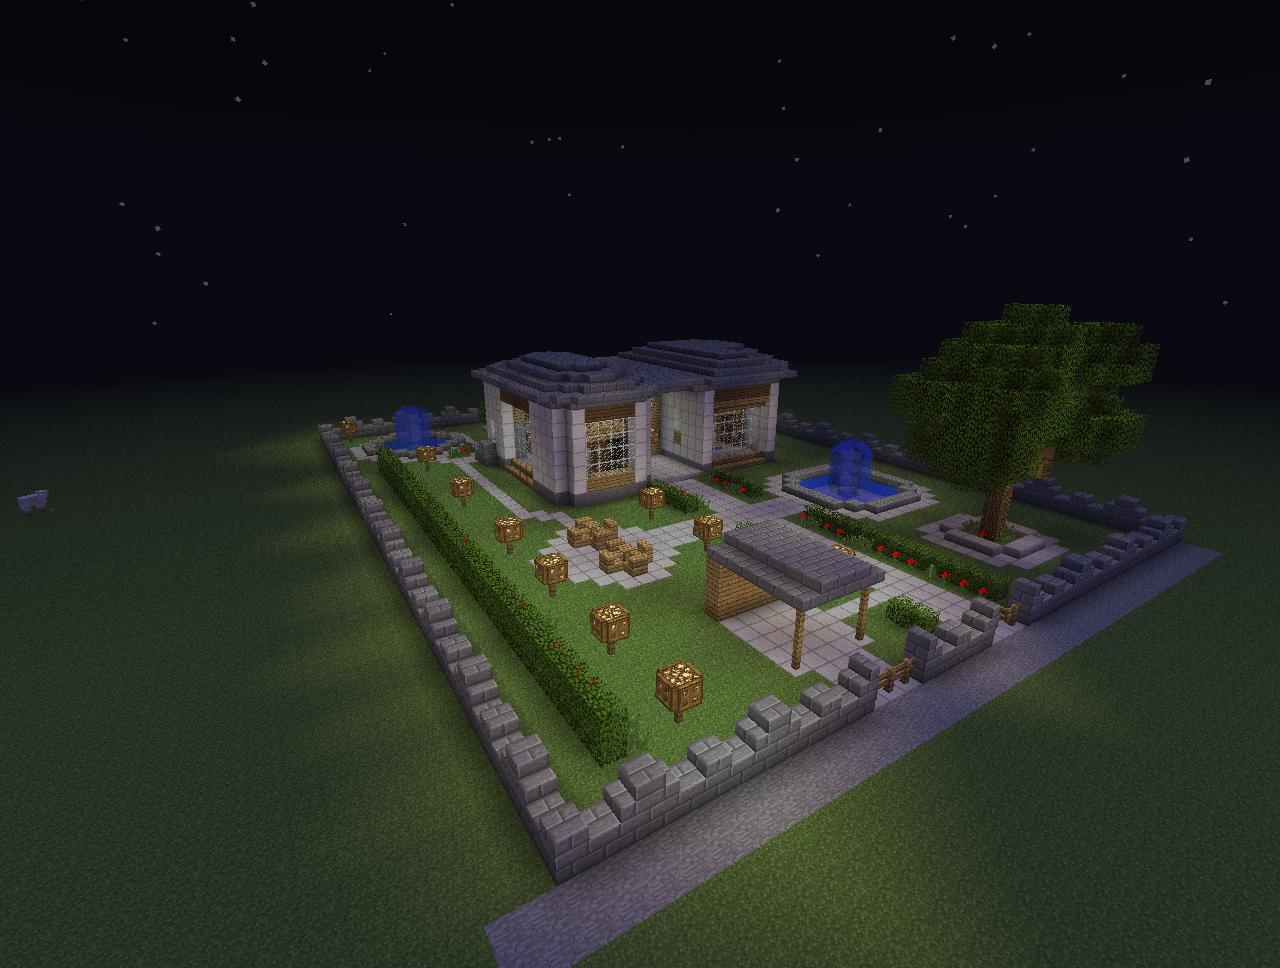 minecraft flower garden - Google Search | Minecraft ideas ...